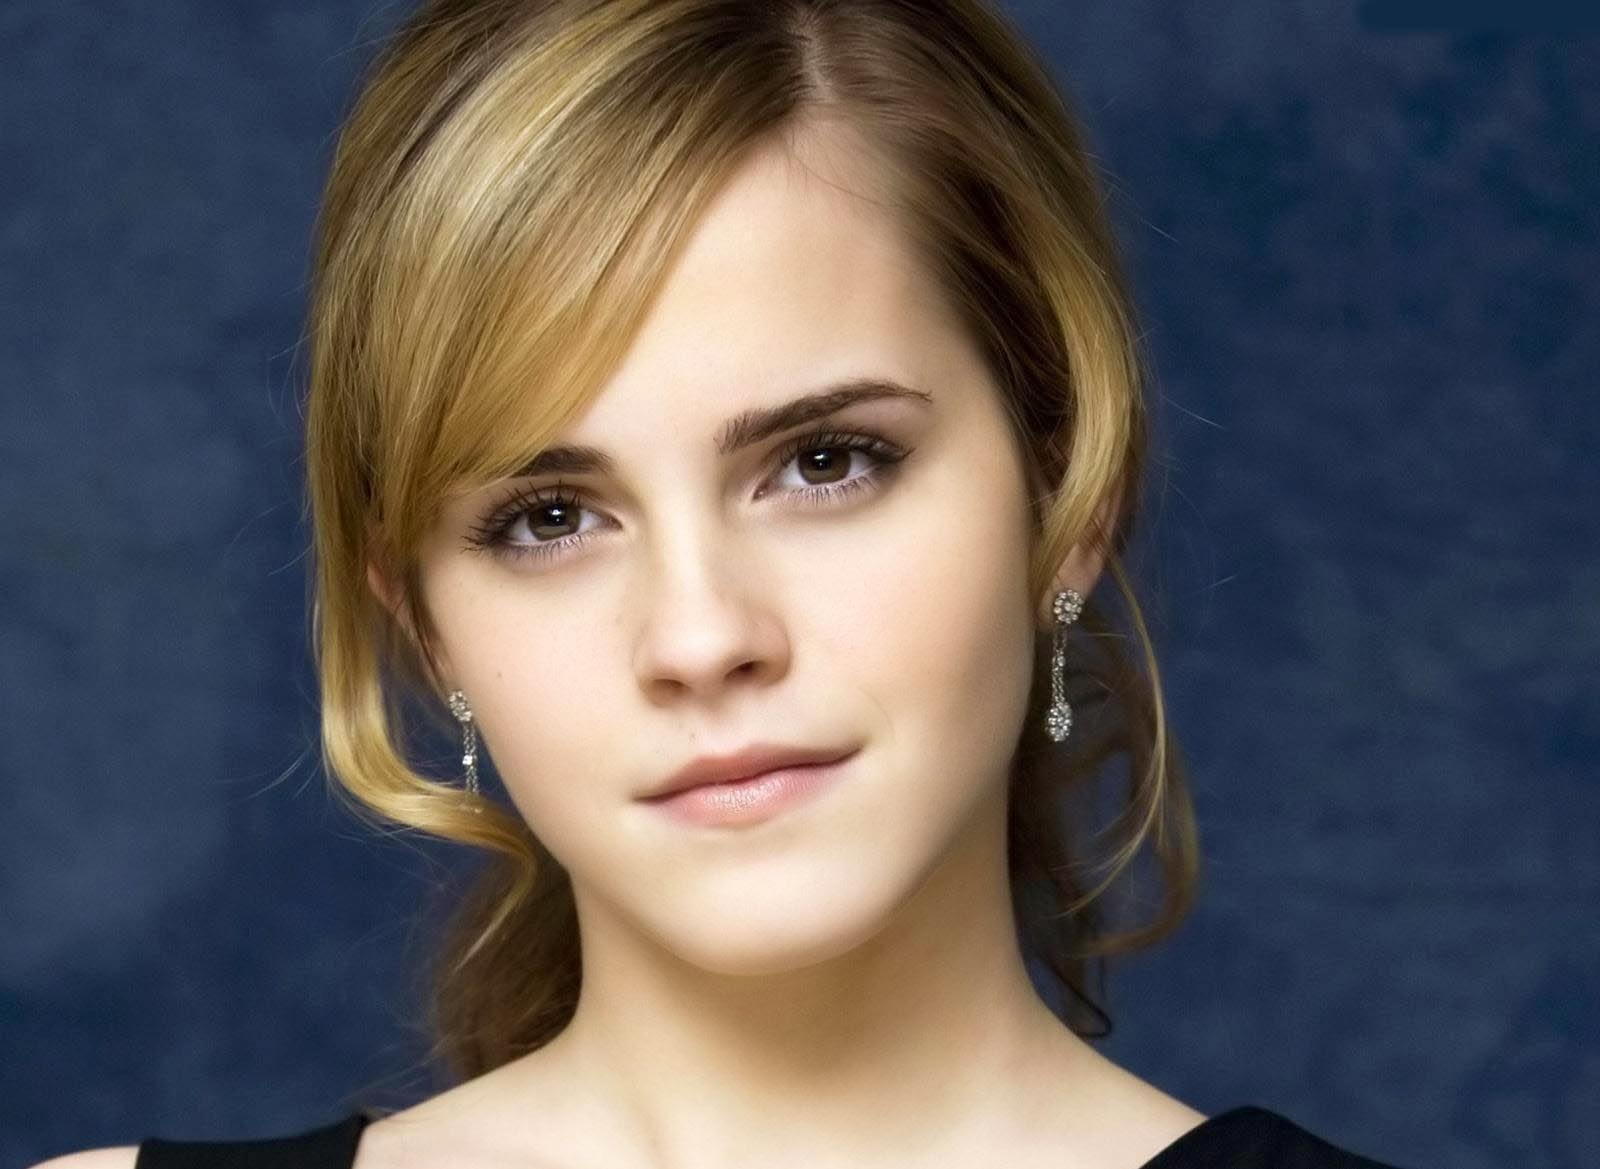 Hollywood actress photos 3d hd wallpapers - Hollywood desktop wallpapers actresses ...